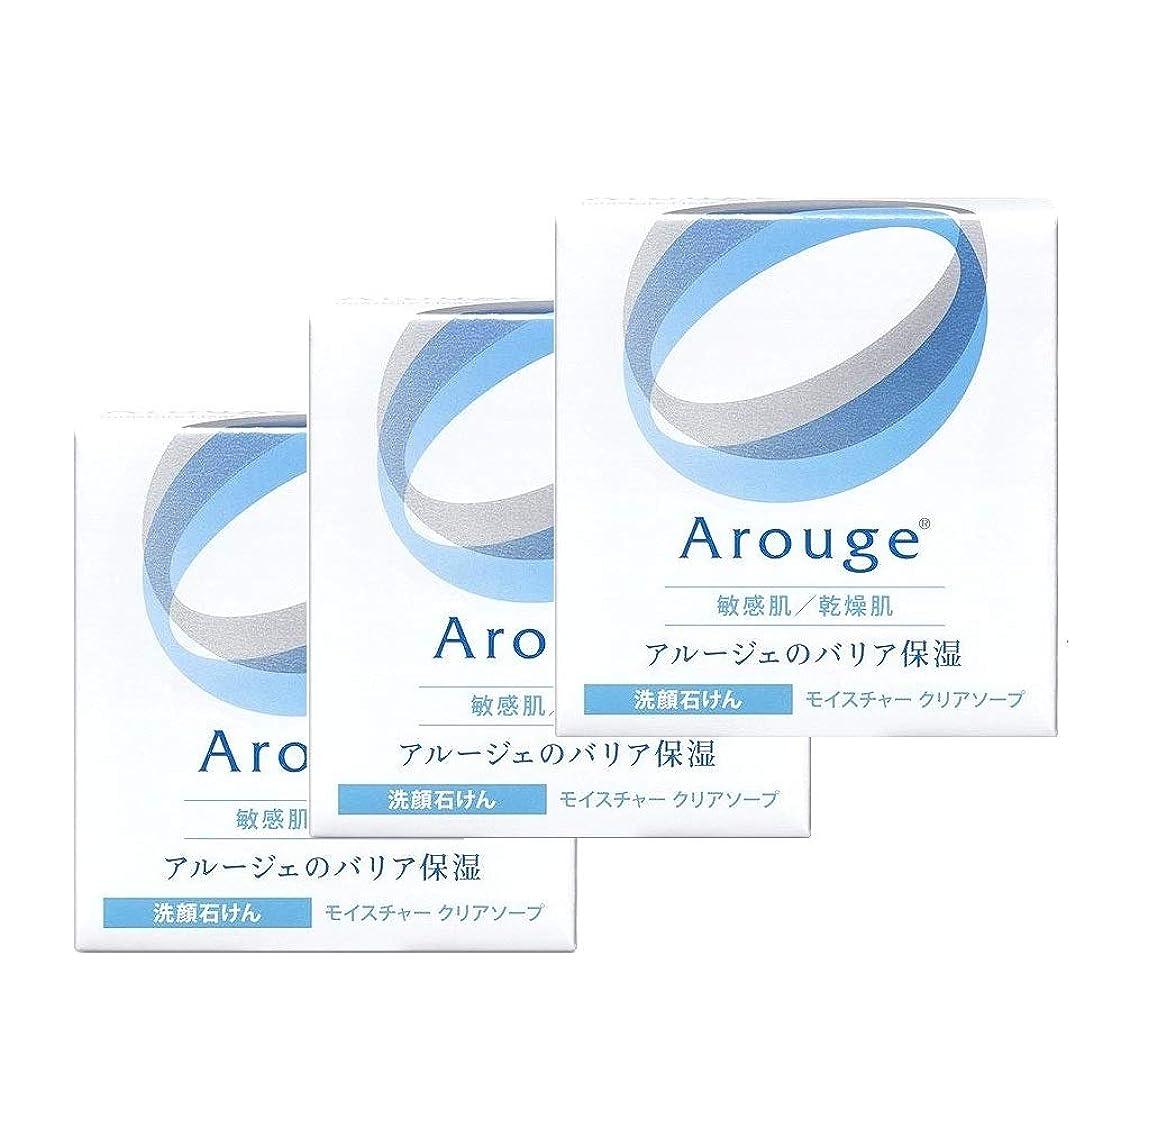 【3個】アルージェ モイスチャー クリアソープ 60g